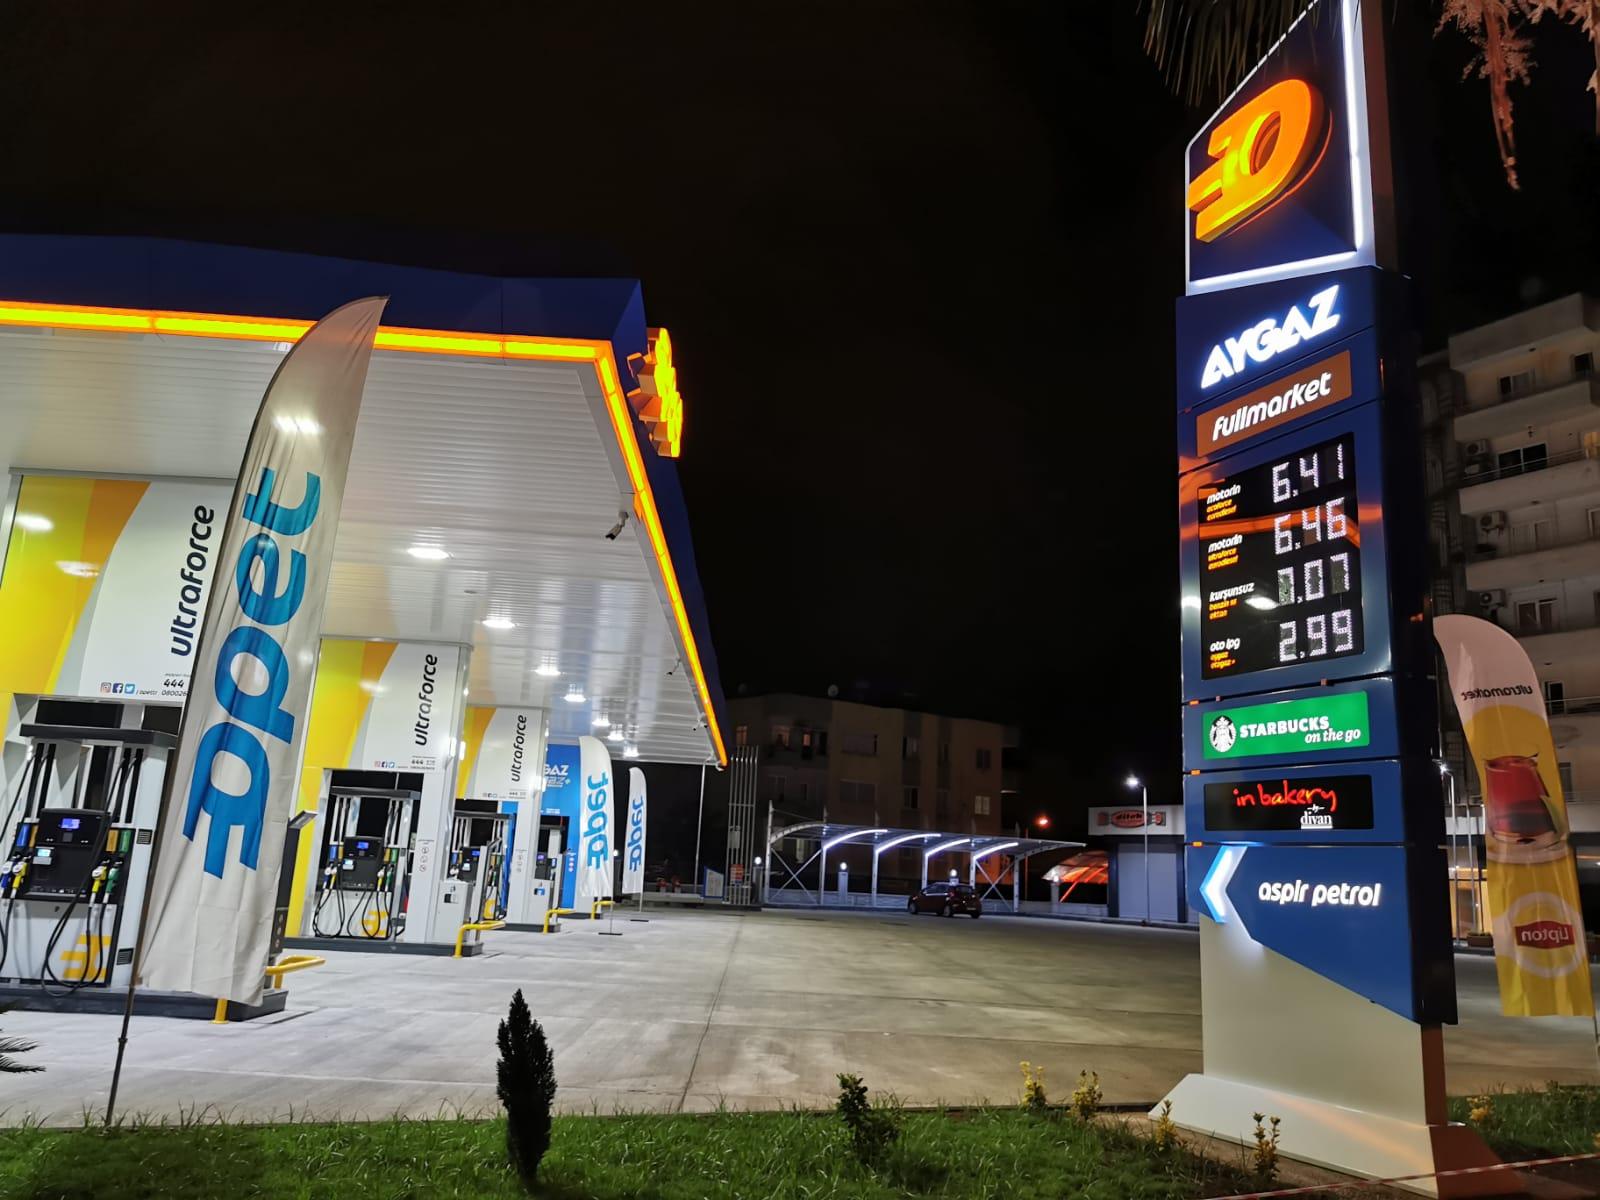 Çokgün Mühendislik İnşaat Petrol, Mersin